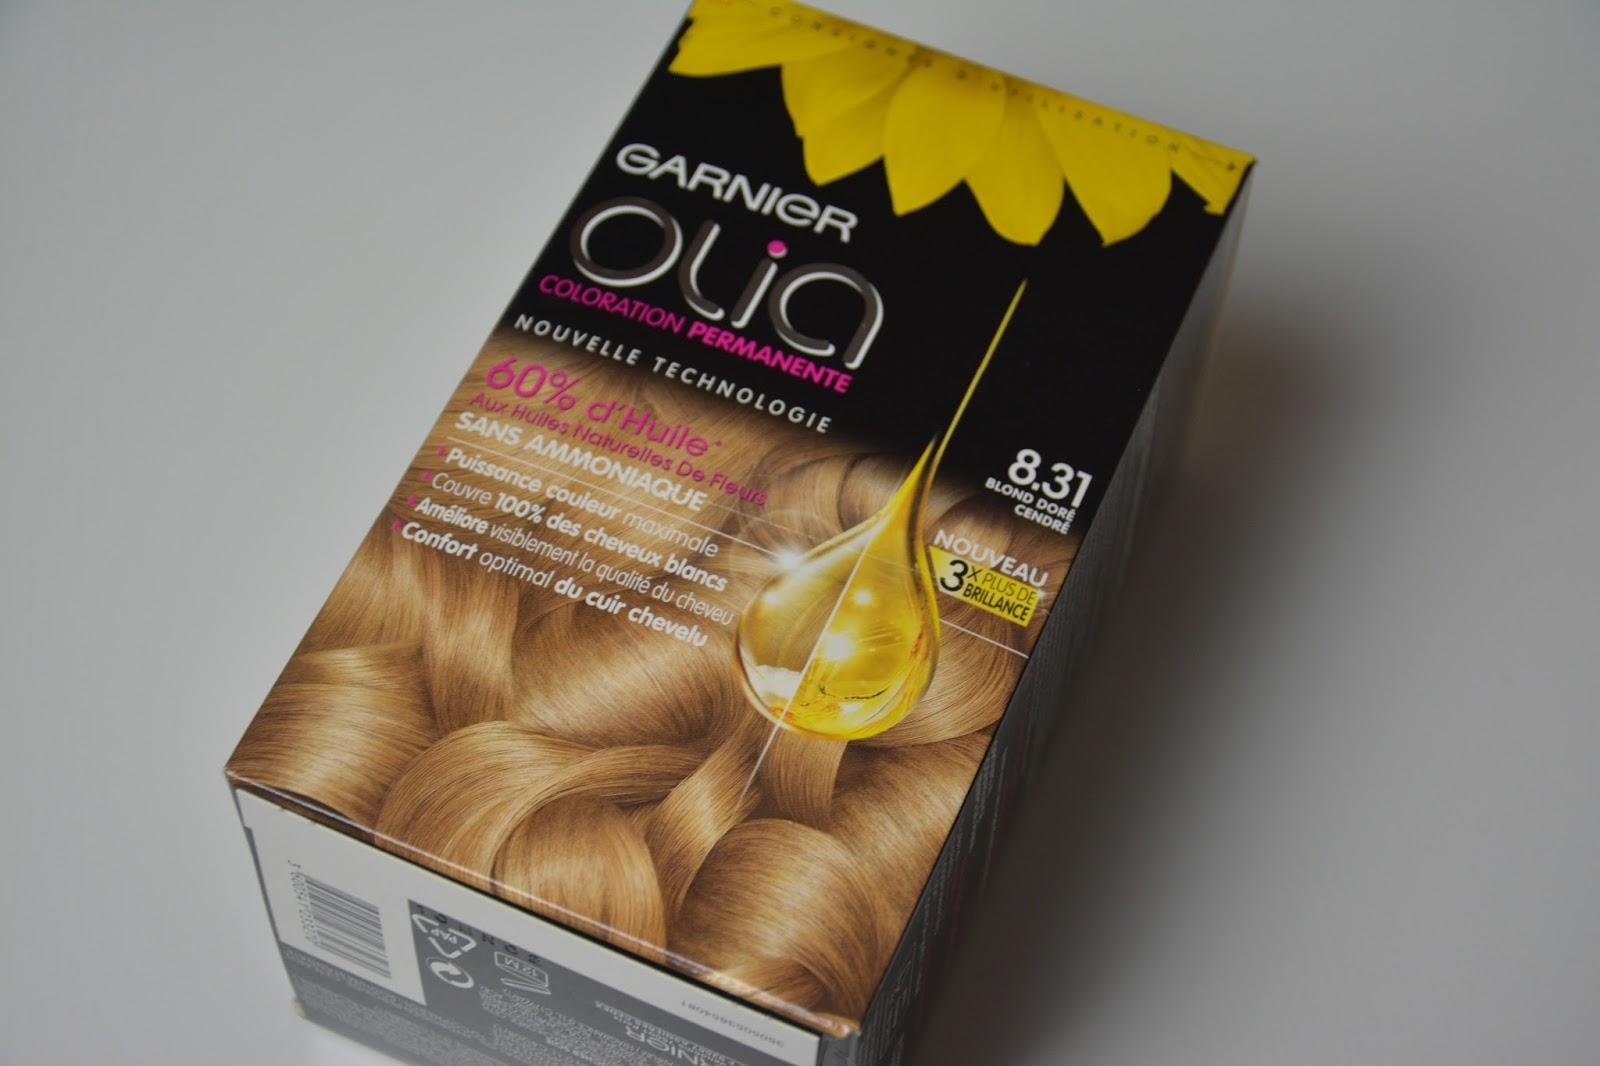 flora utilise cette gamme de coloration pour son blond et ma donc conseille celle ci jai choisi le 831 blond dor cendr - Coloration Olia Blond